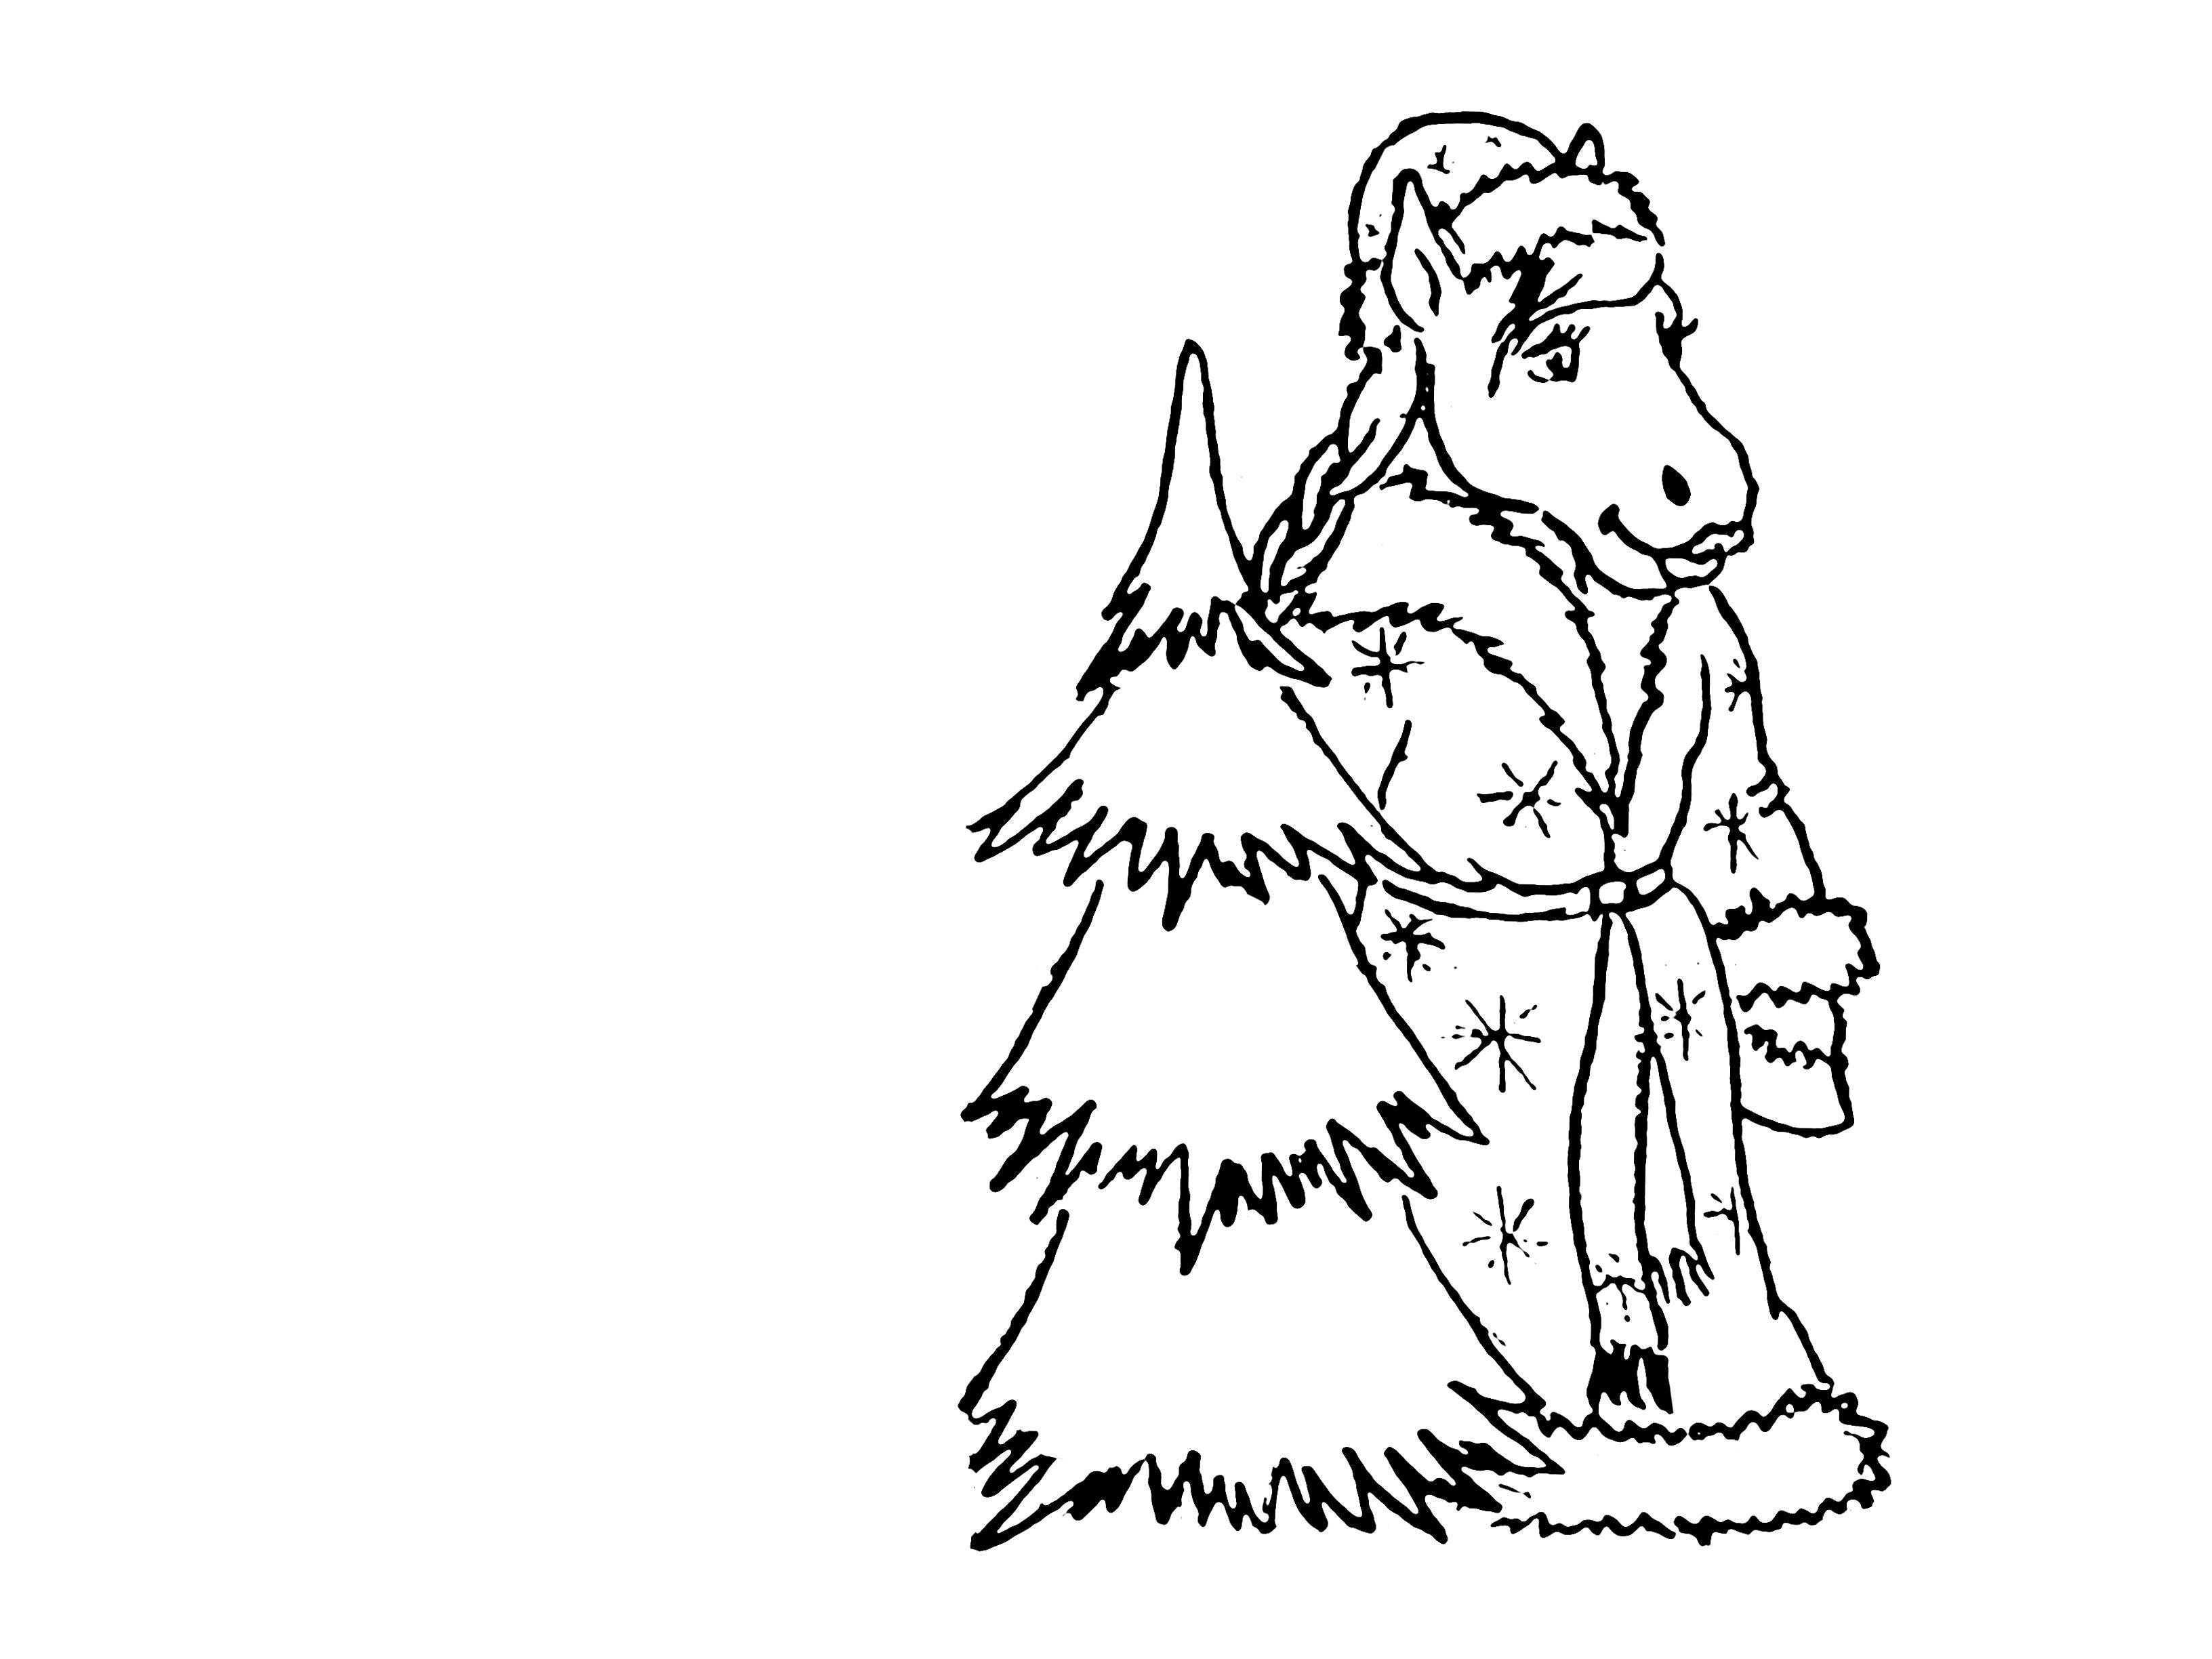 Лошадь в костюме деда мороза рядом с елочкой Зимние раскраски для девочек